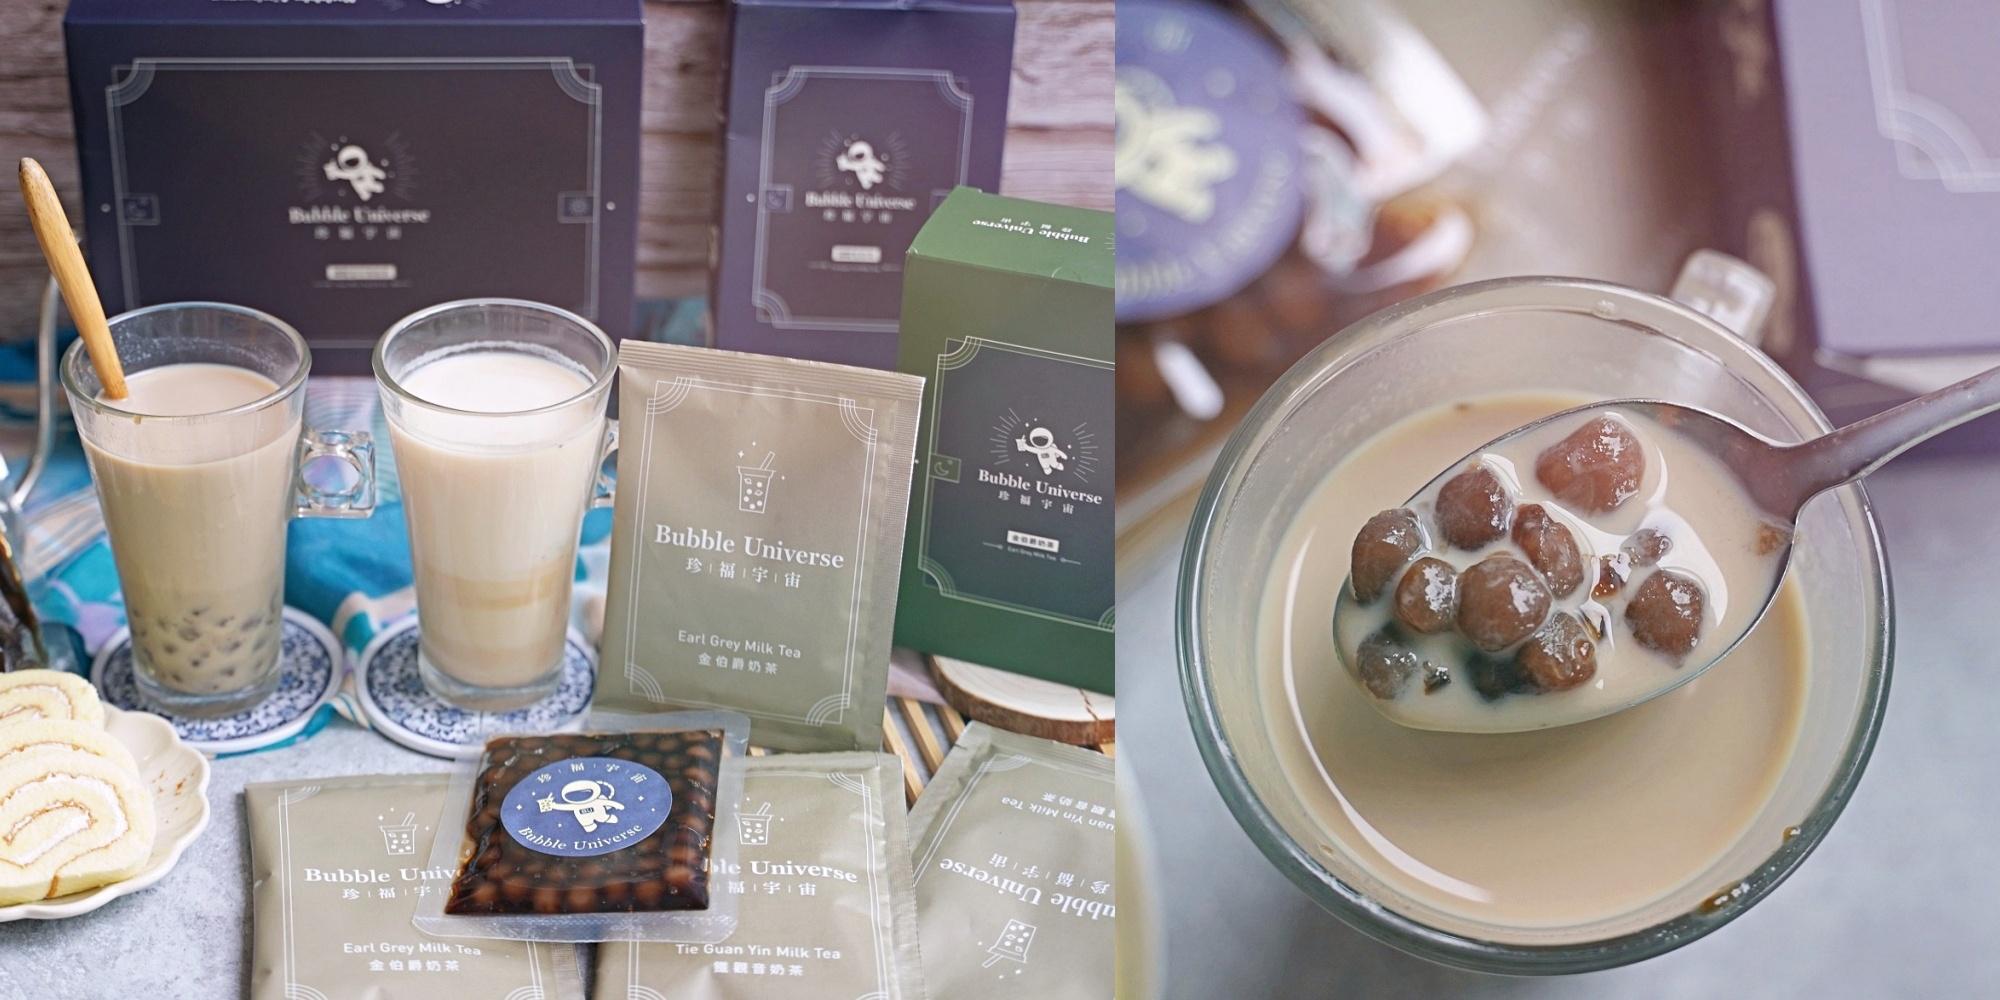 珍福宇宙 Bubble Universe|台灣最強伴手禮-珍珠奶茶禮盒|台灣珍珠奶茶界的愛馬仕